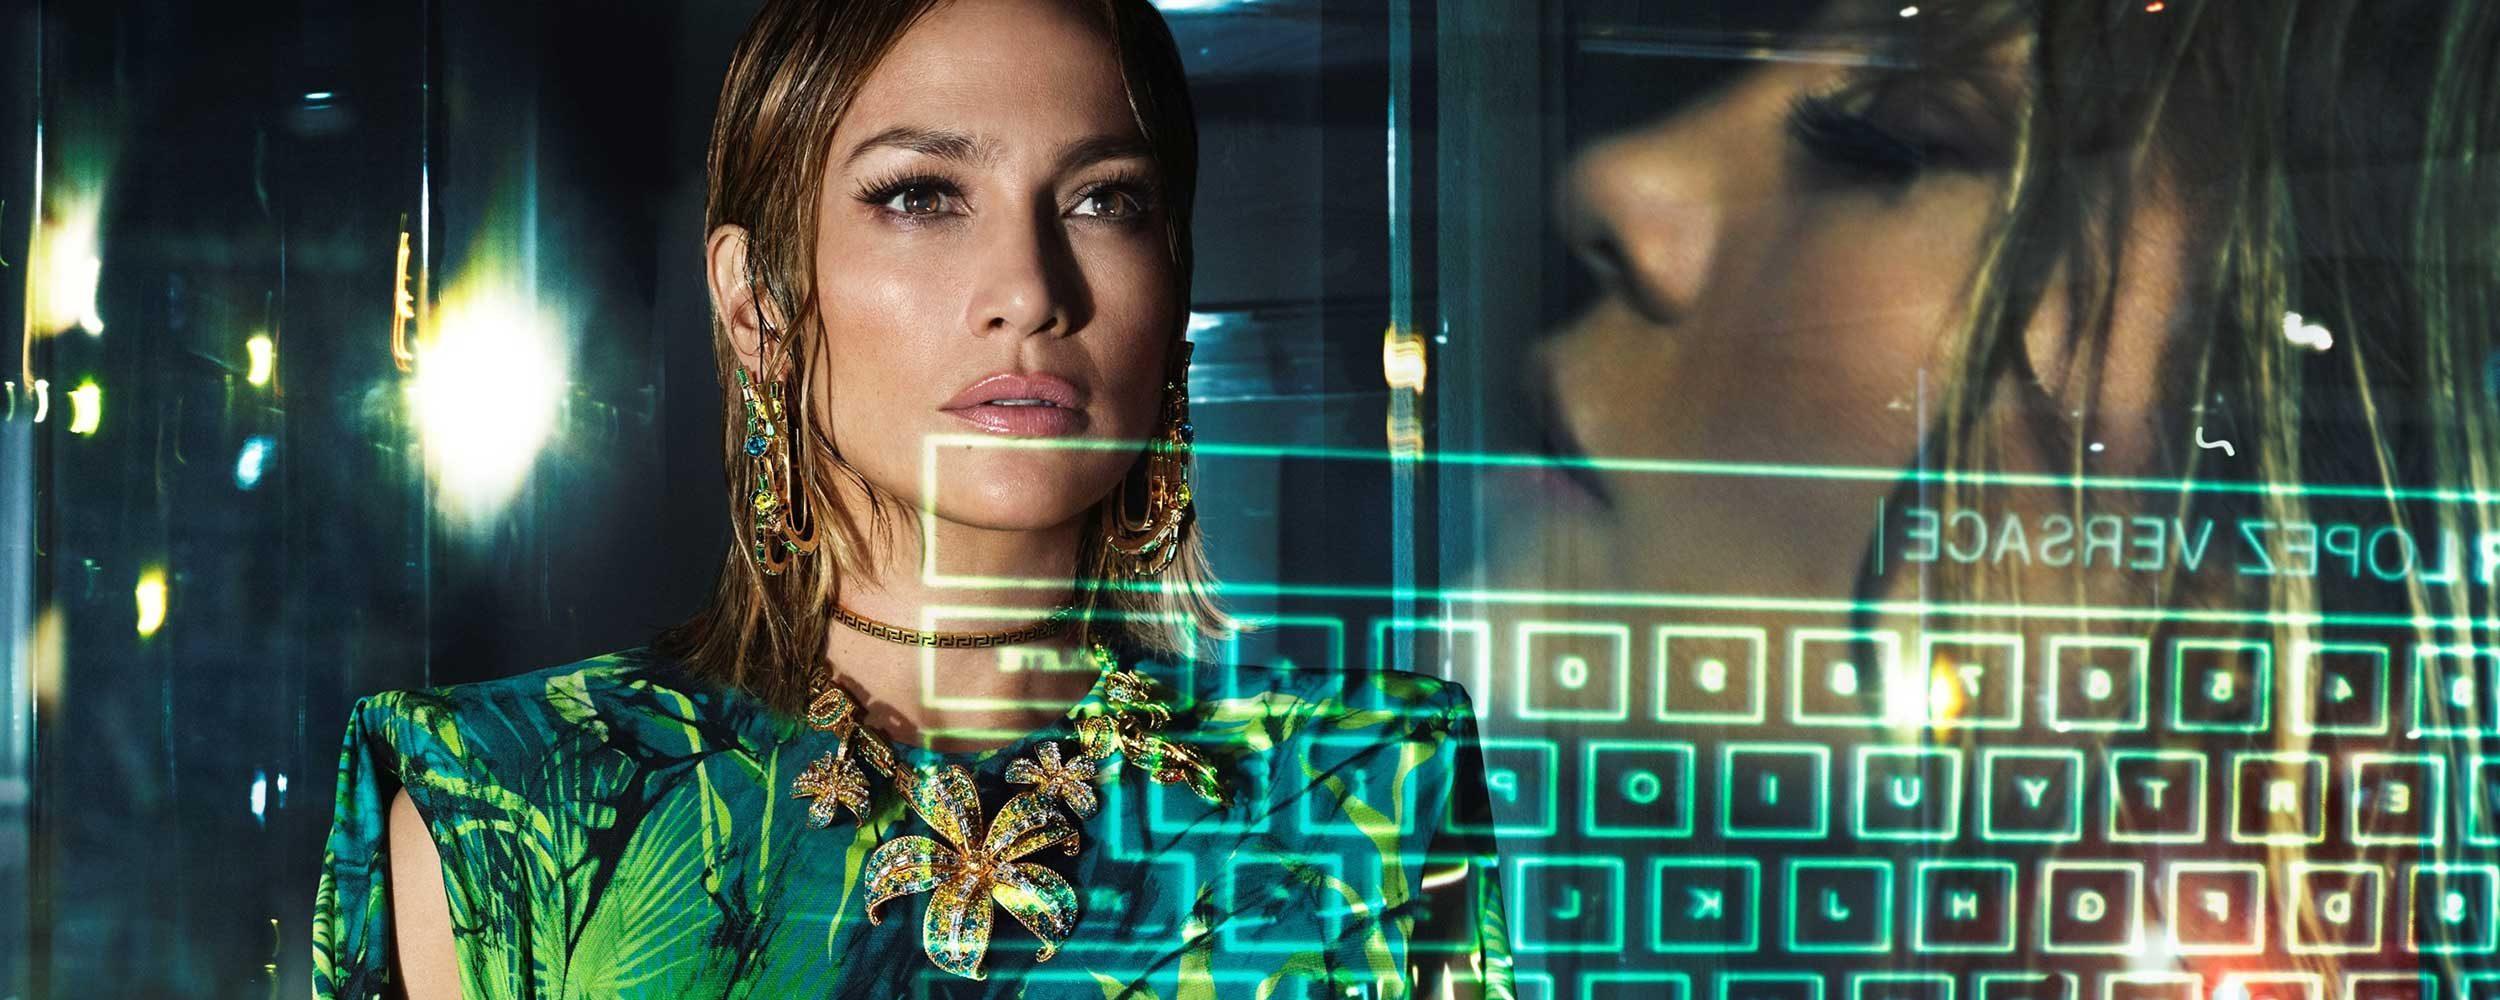 Versace Jennifer Lopez and keyboard